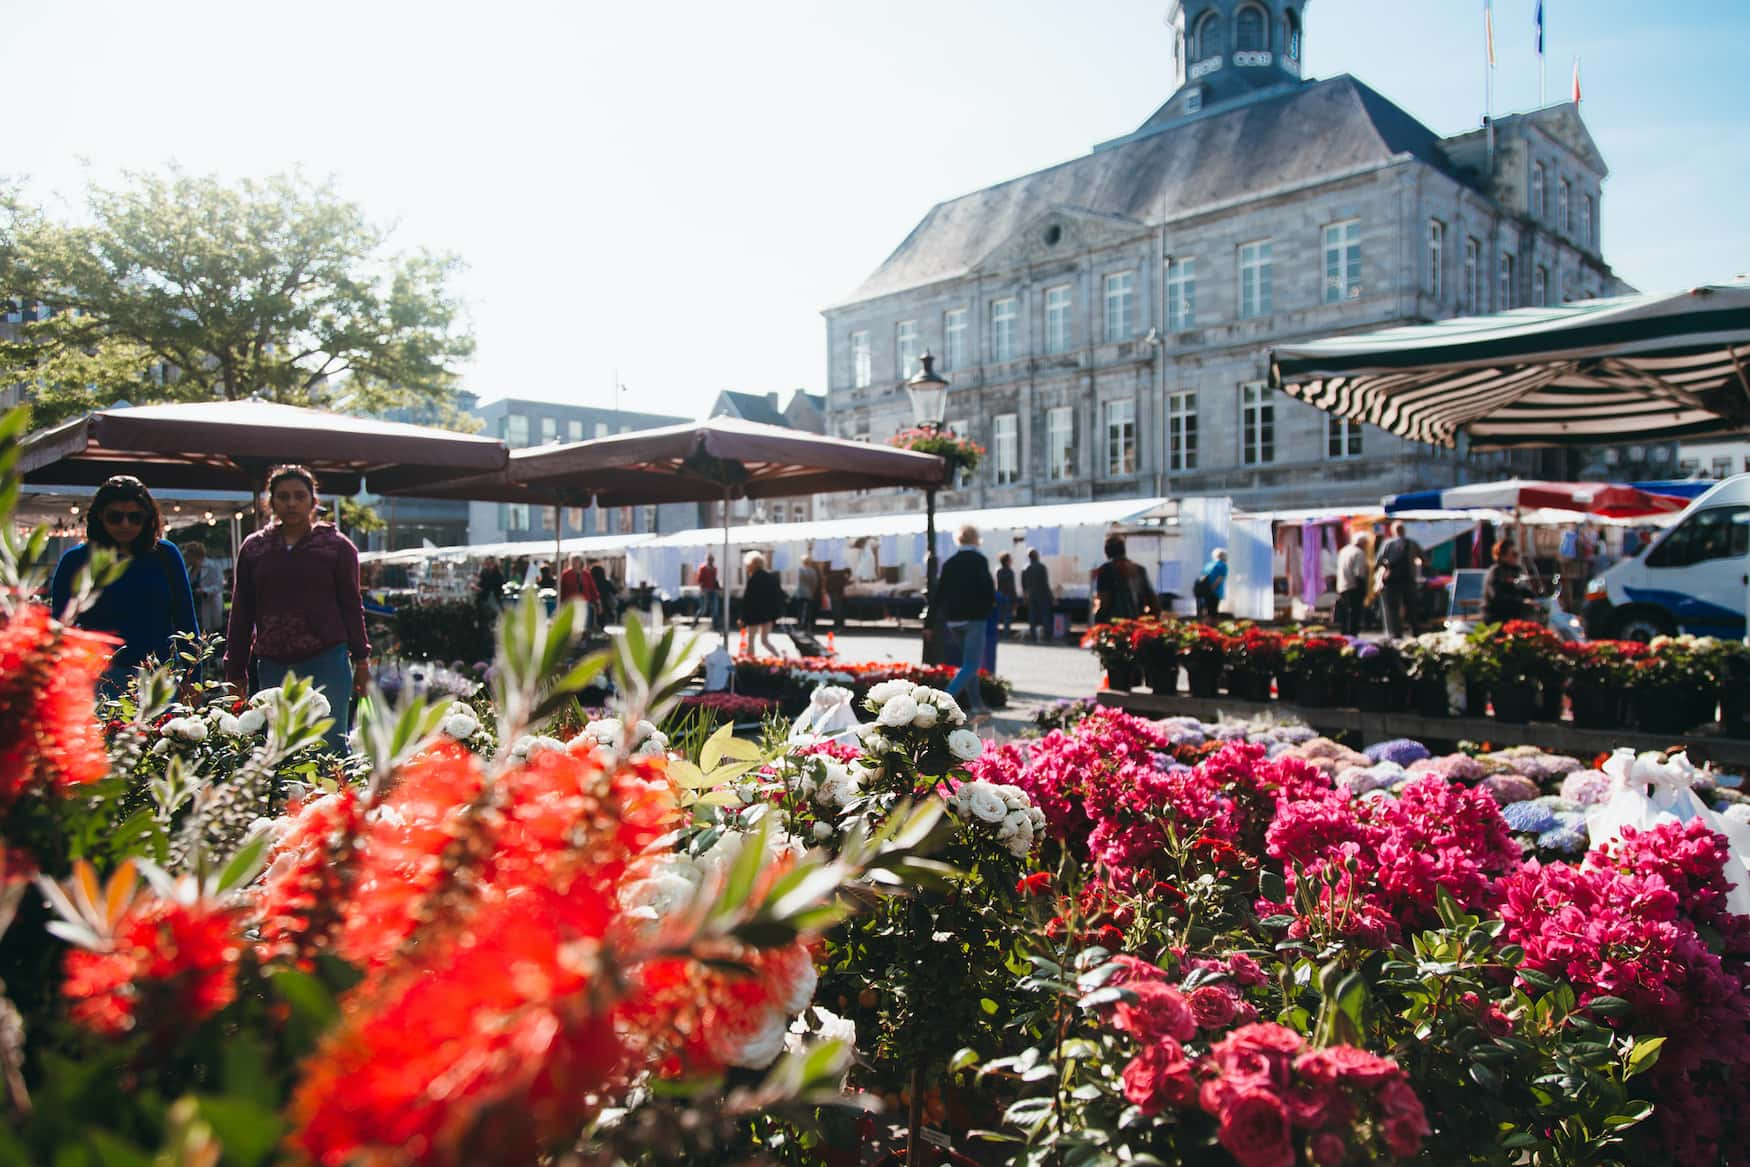 Blumen vor dem Stadthaus auf dem Marktplatz in Maastricht